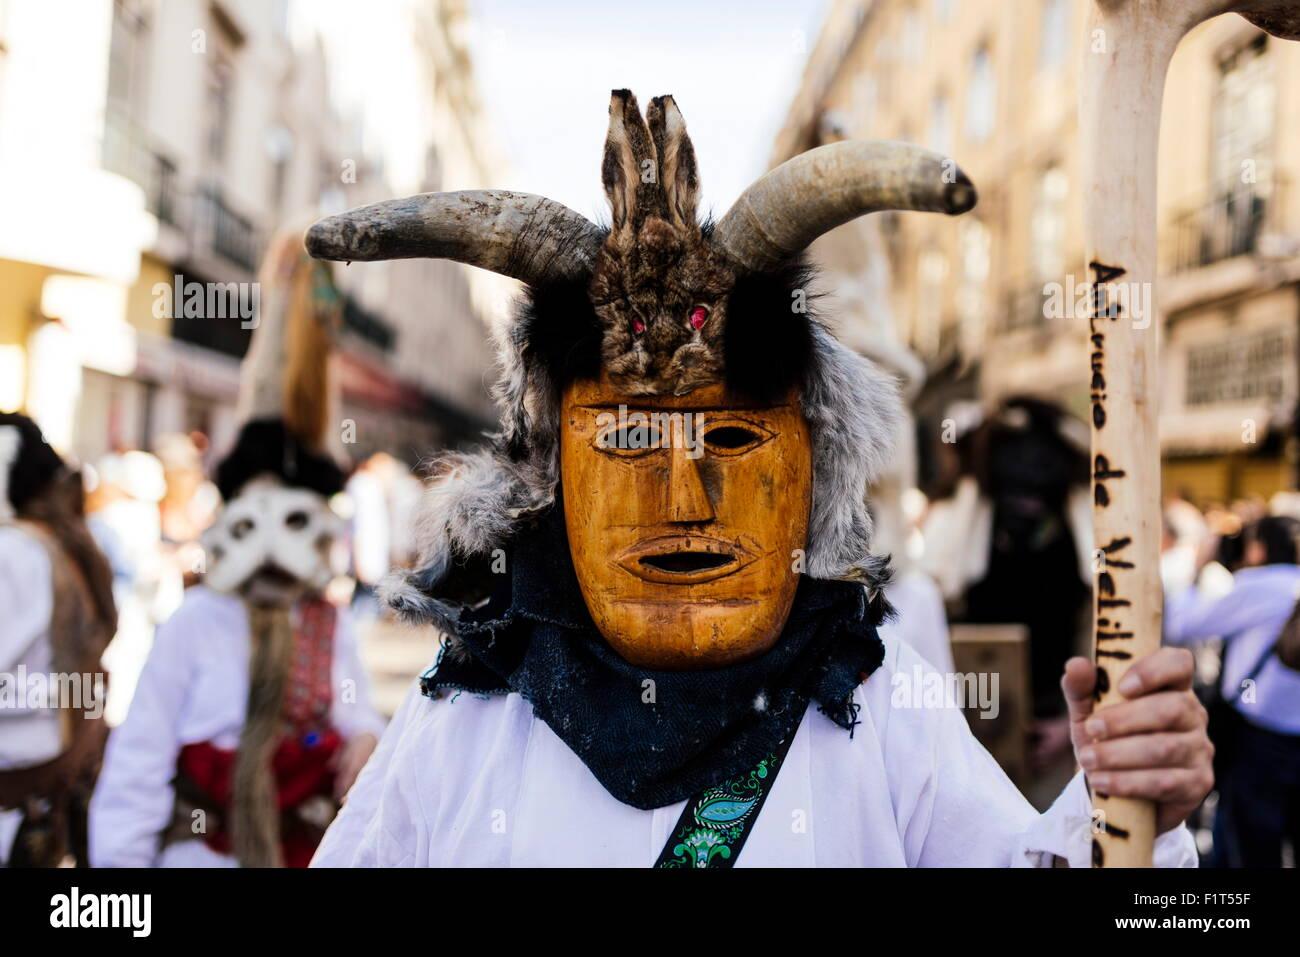 Festival internazionale maschera iberica, Lisbona, Portogallo, Europa Immagini Stock